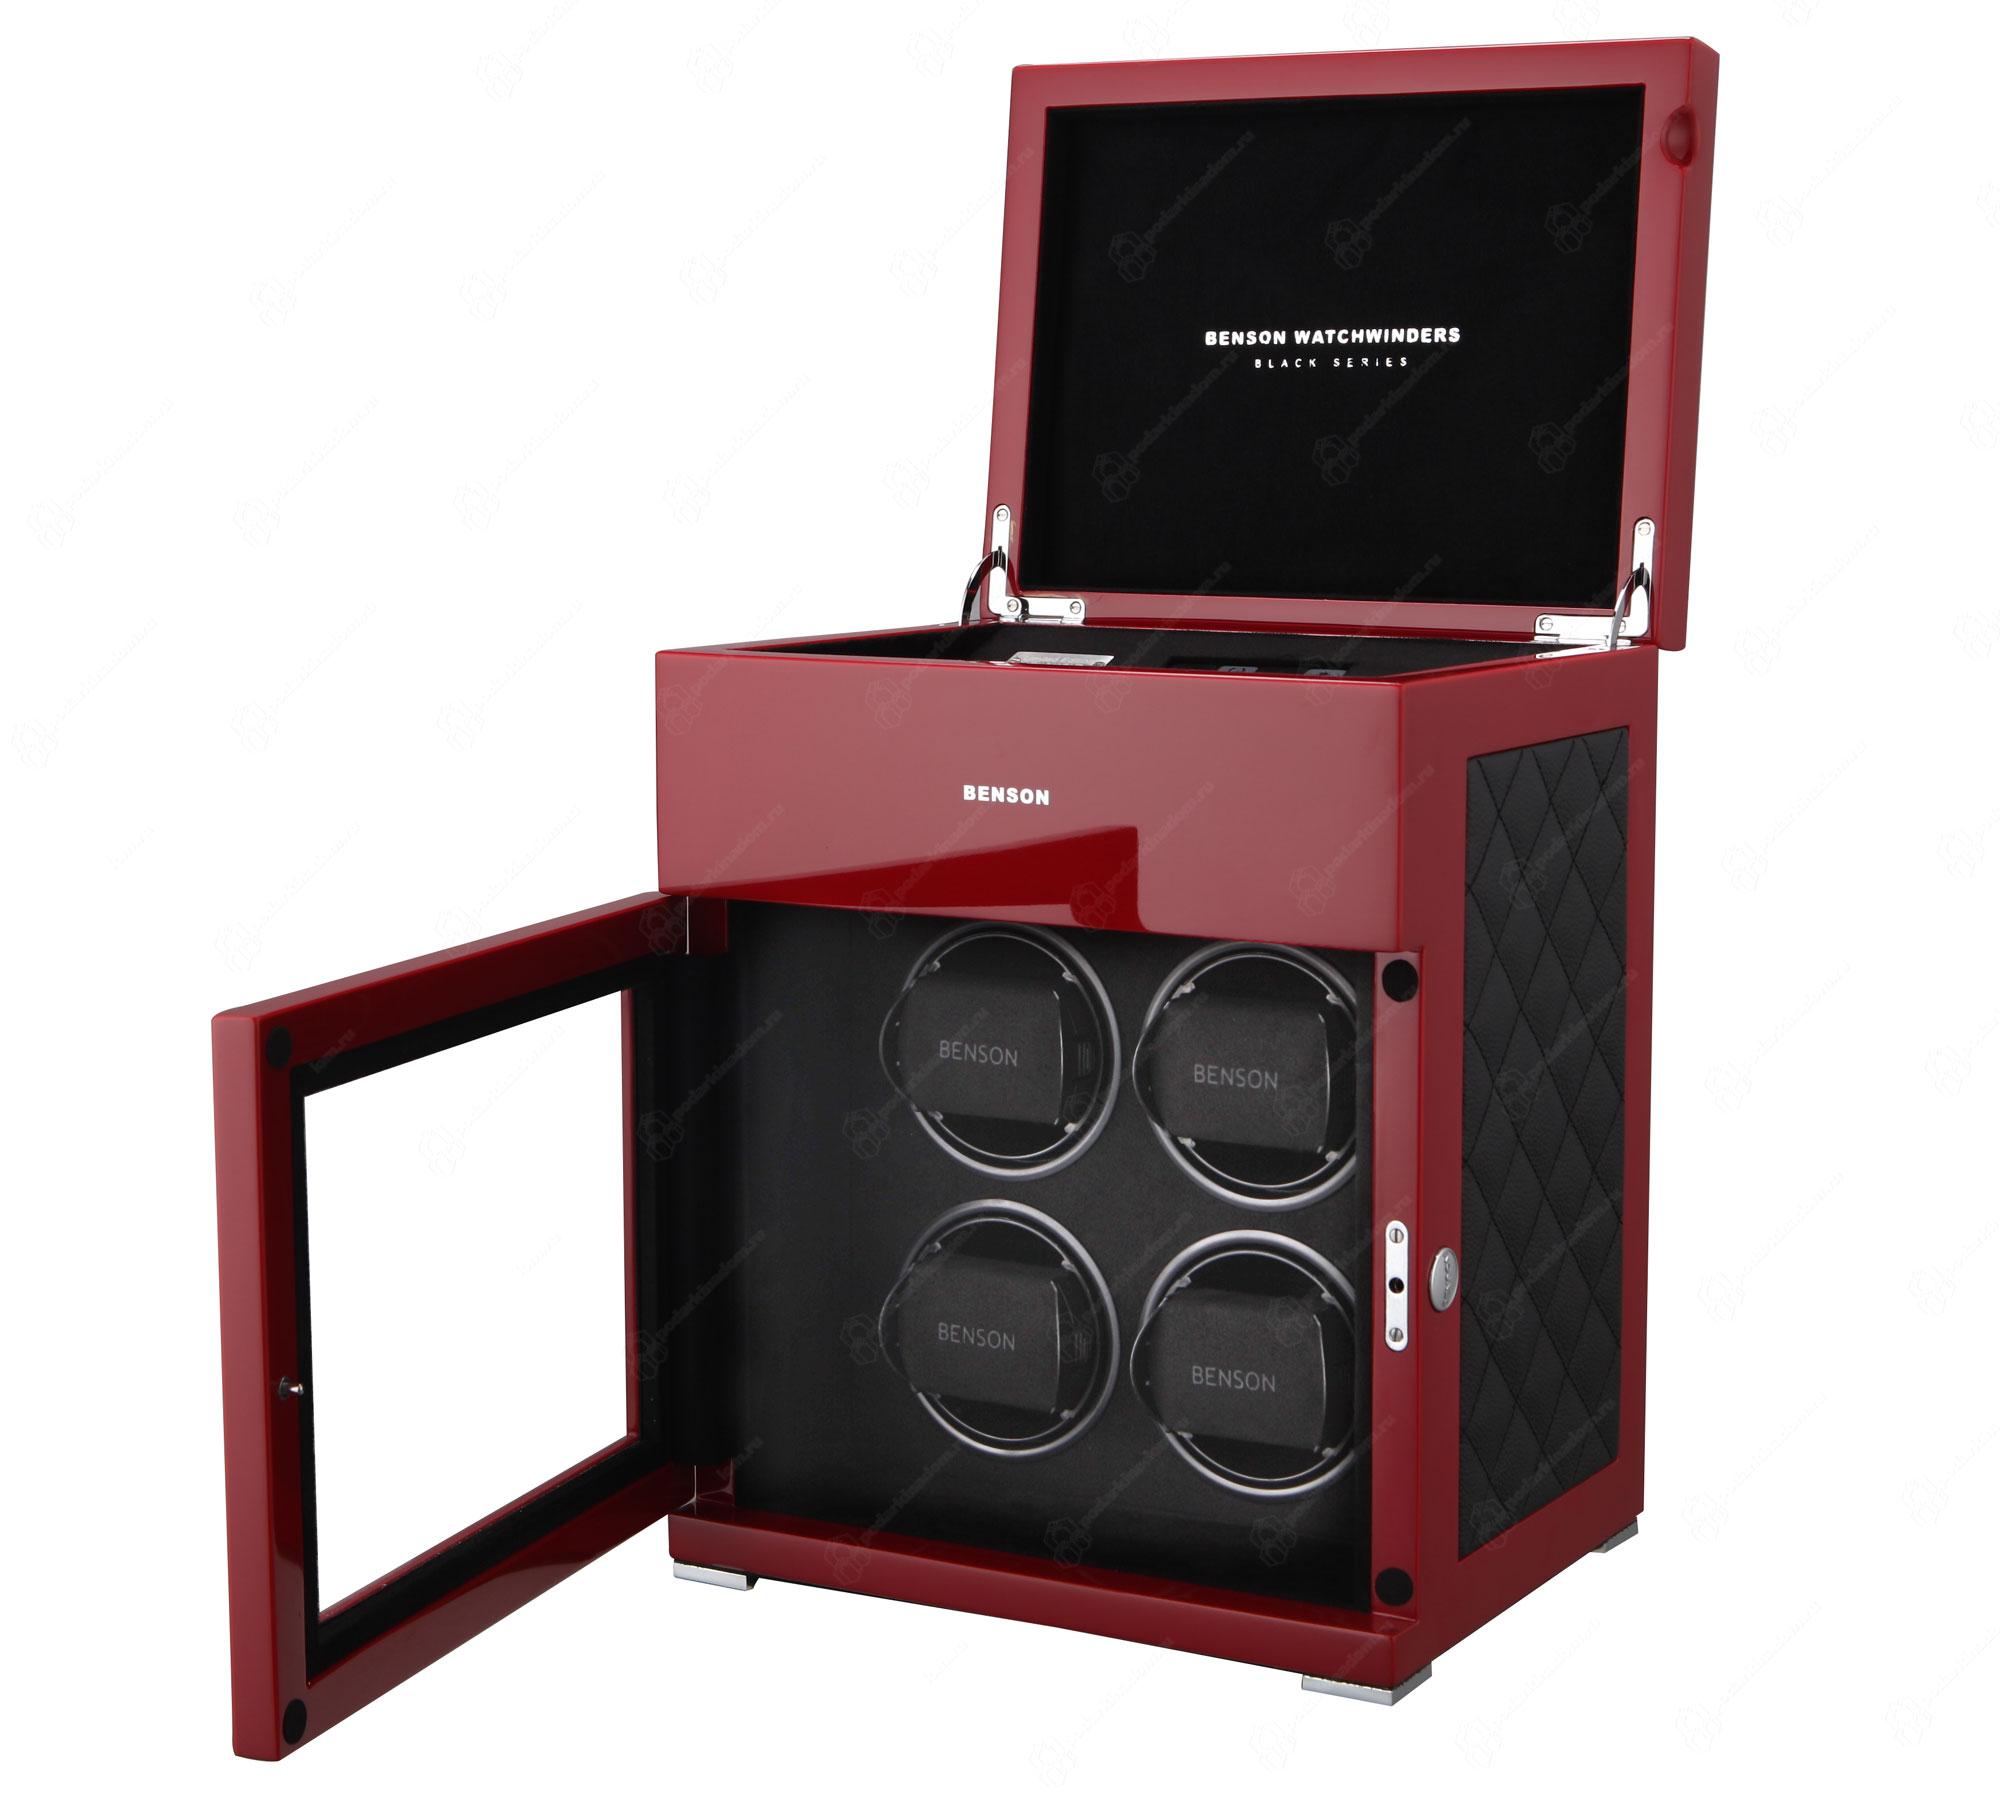 BS4 Red Limited Edition Шкатулка для завода наручных часов. Лимитированная серия 250 шт. Отделка Глянцевый рояльный лак и кожа. Для 4 часов + 3 хранение. Сенсорное управление. Подсветка.